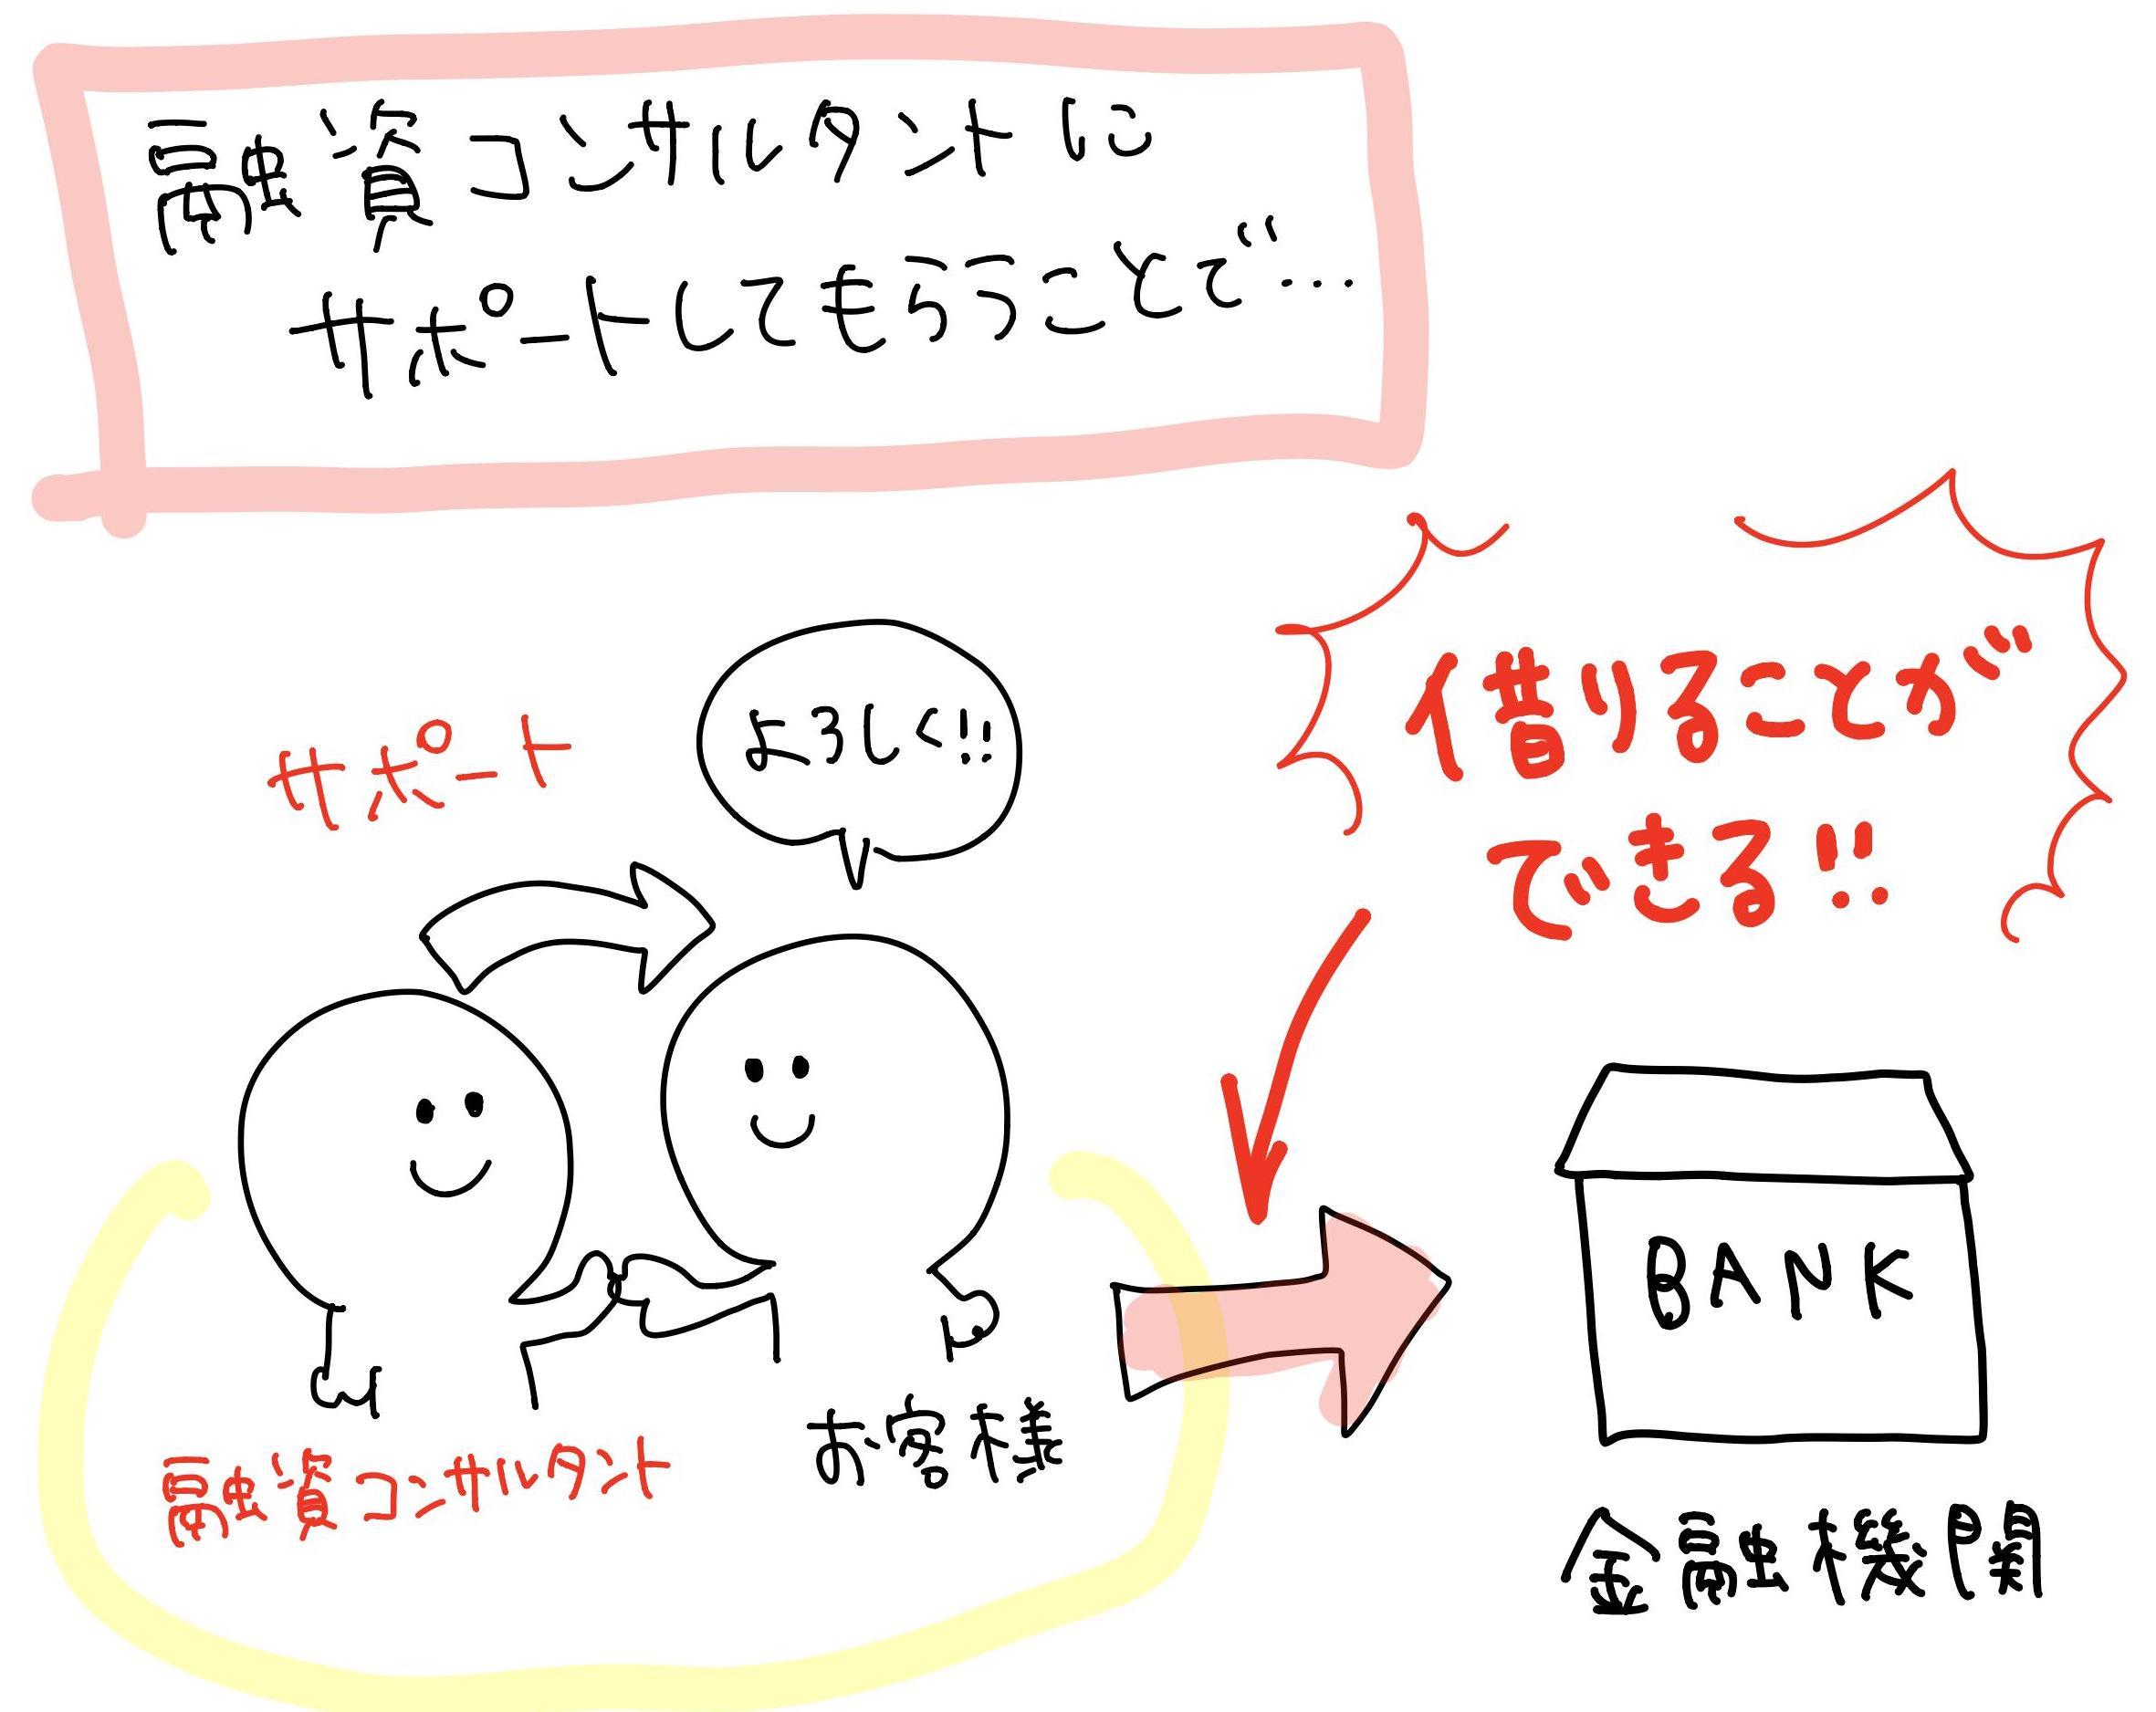 融資コンサルタントがサポートすることで融資が通りやすい